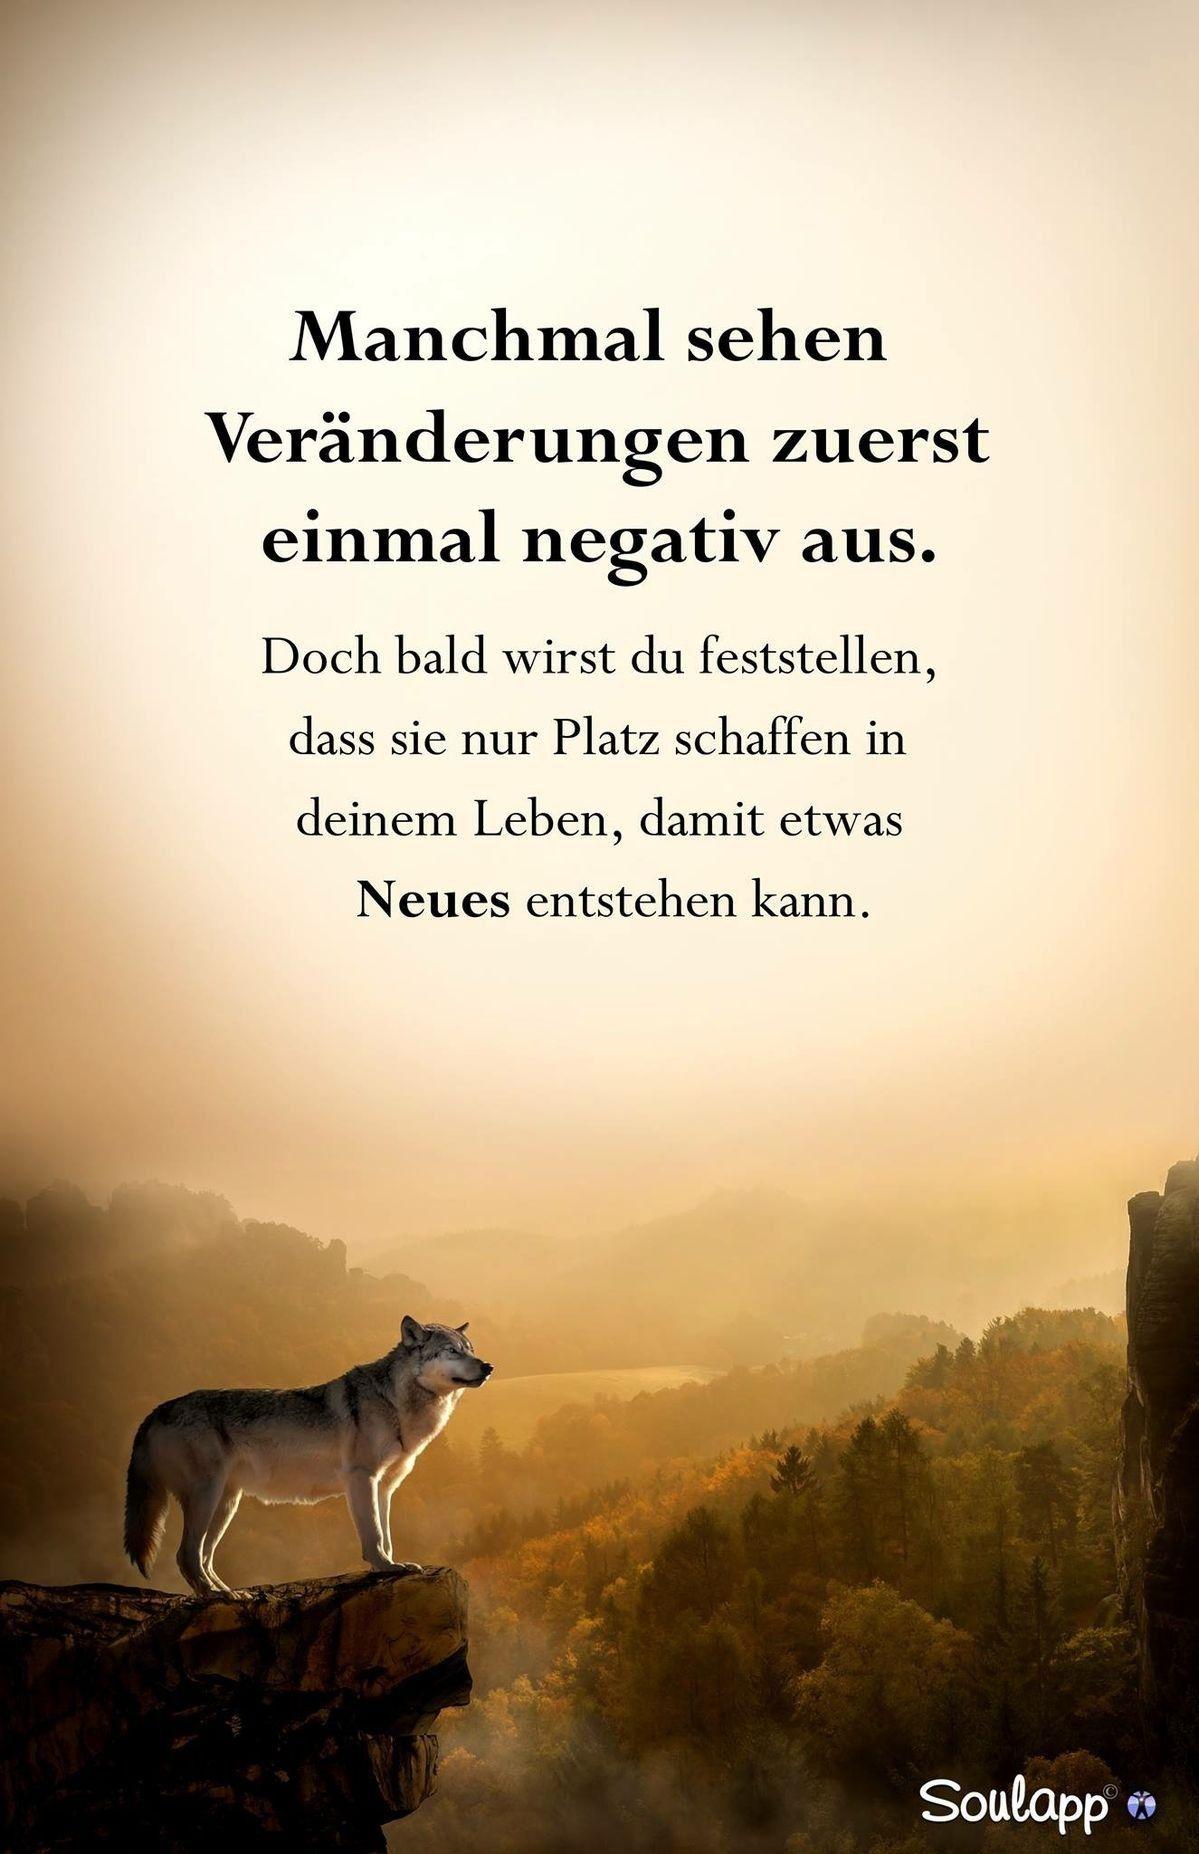 Das Leben besteht aus Veränderungen | Sprüche und Zitate | German